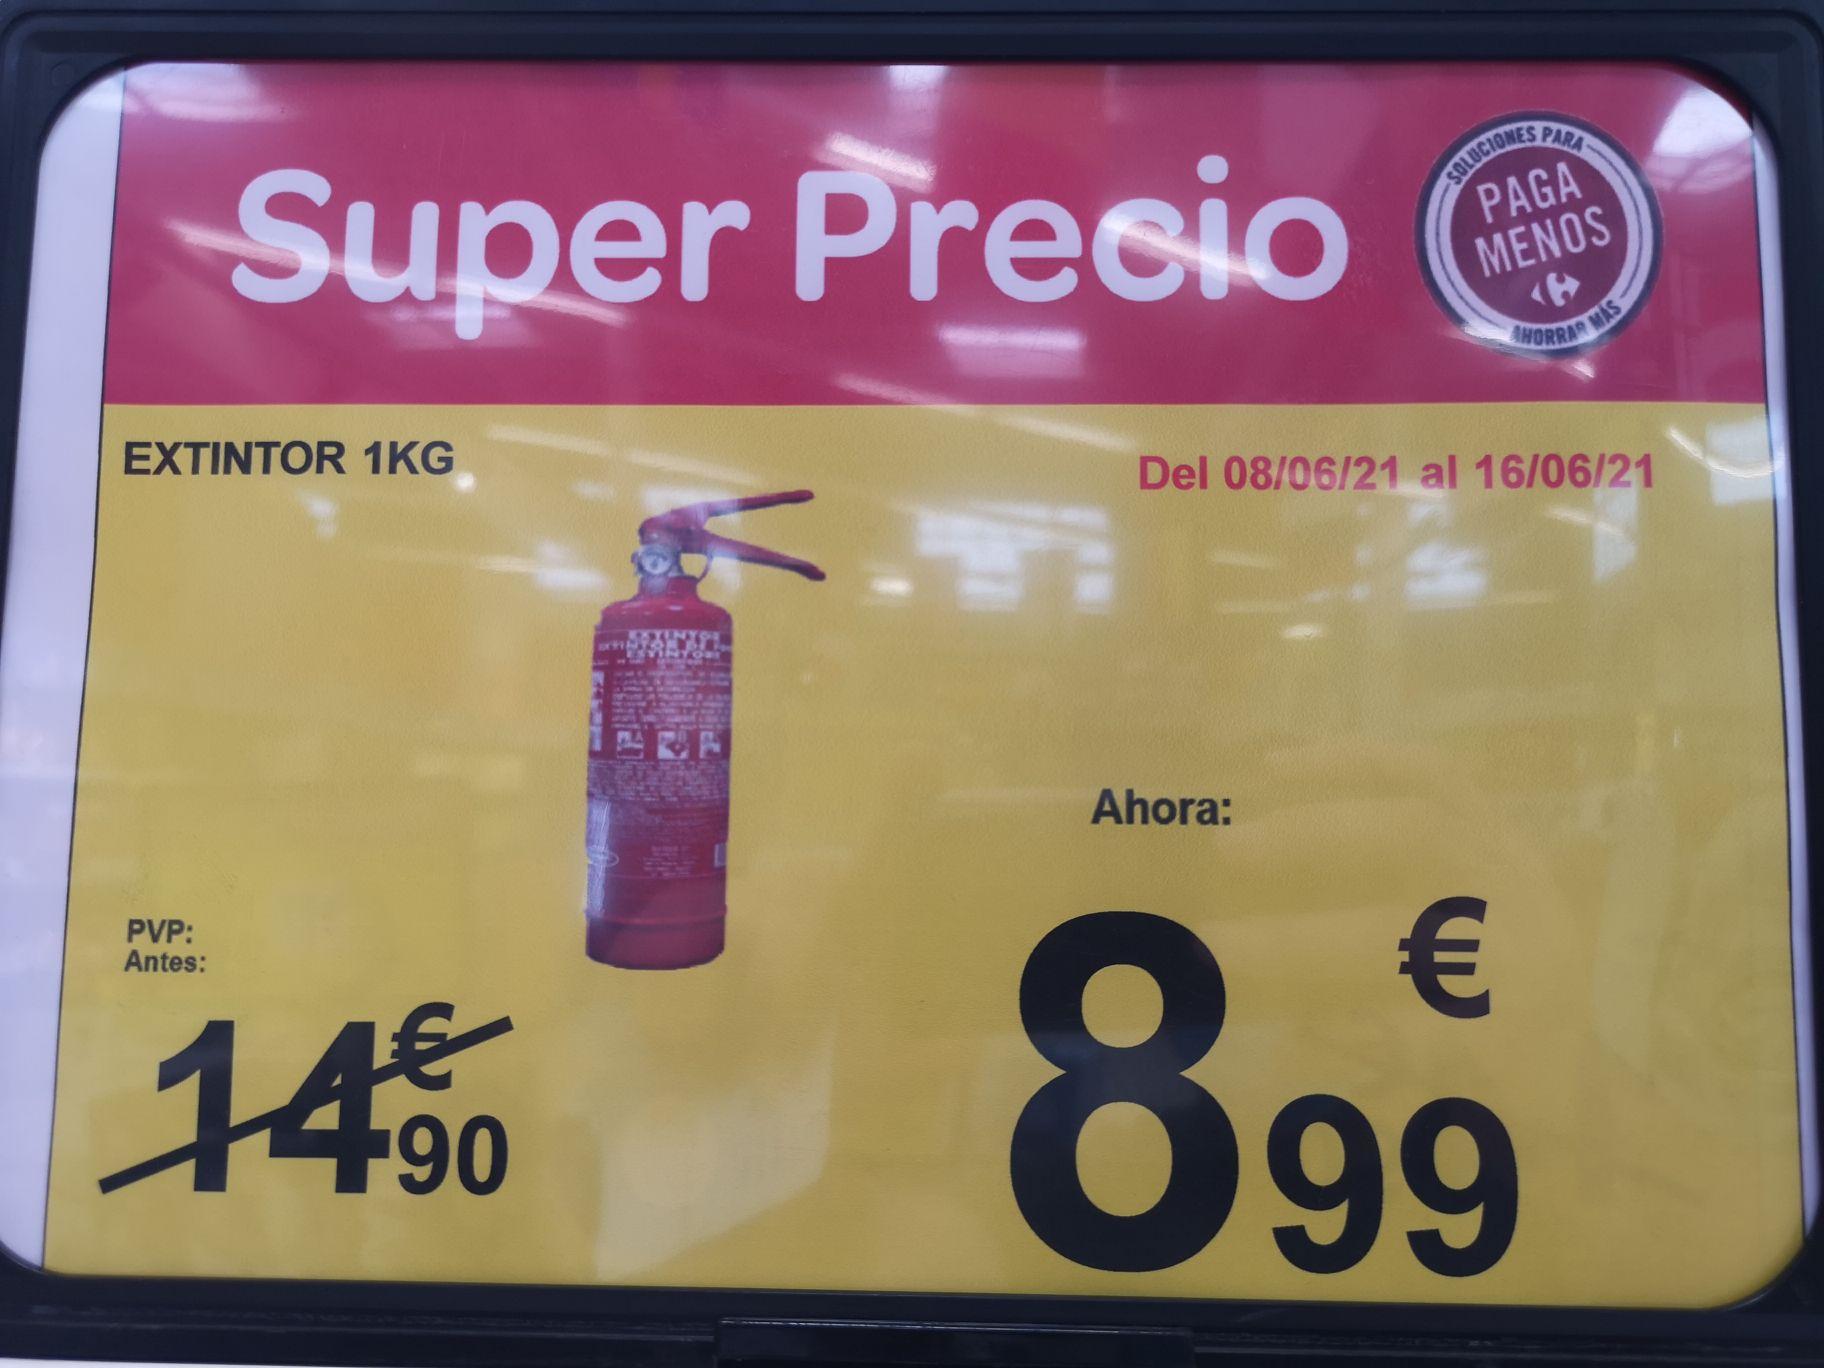 EXTINTOR 1 KG. A 8.99 EUROS